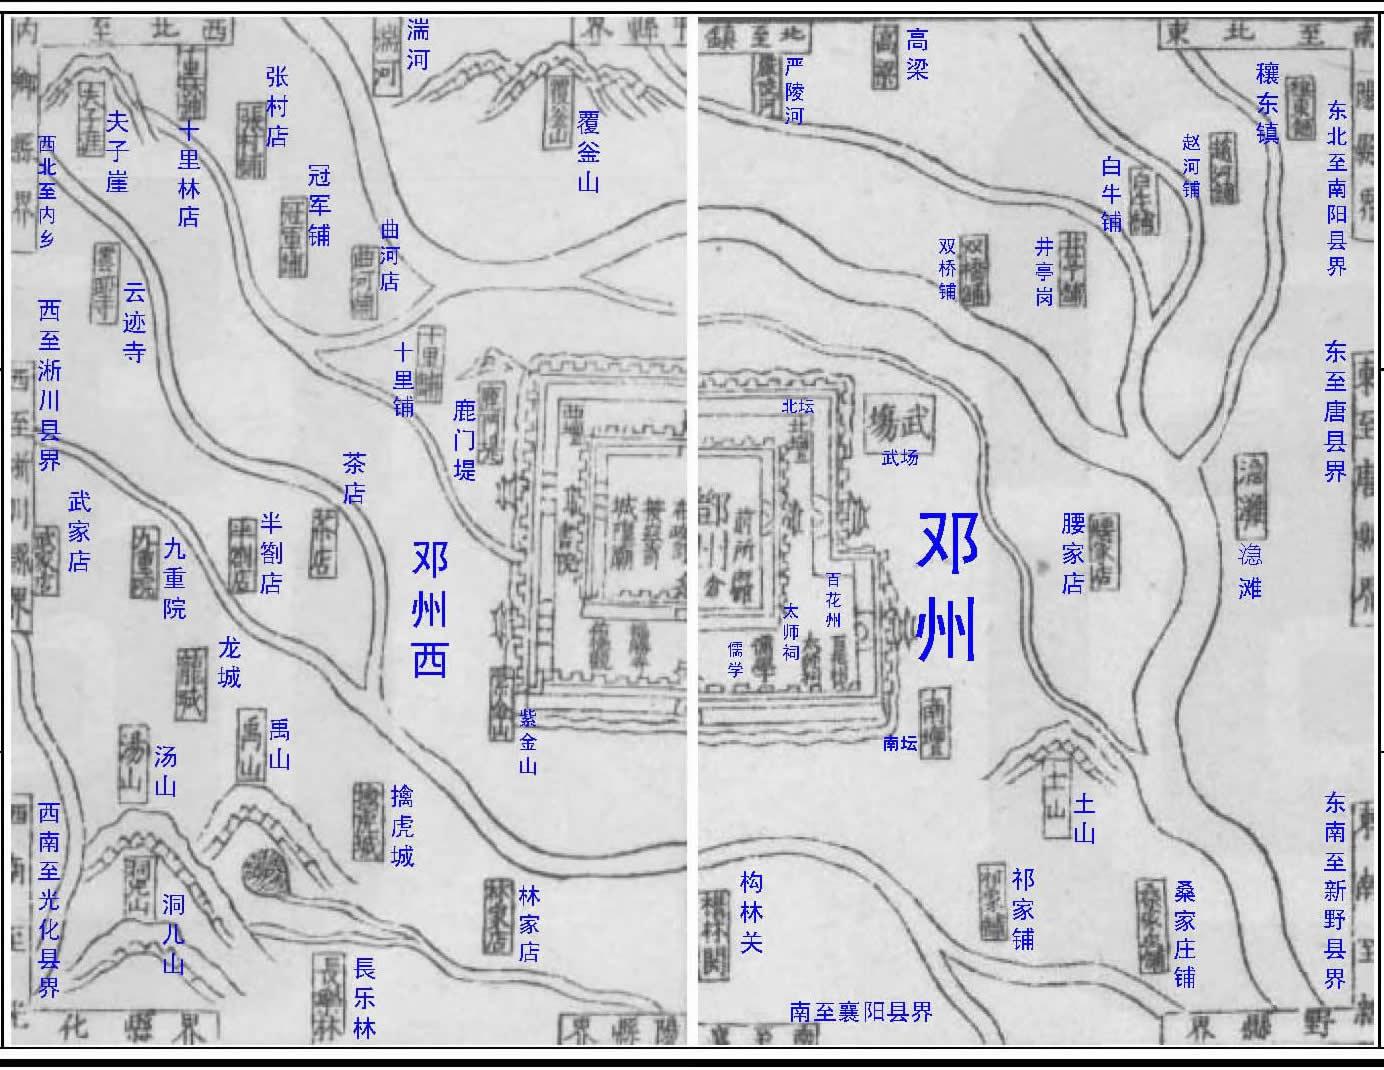 邓州市地图全图